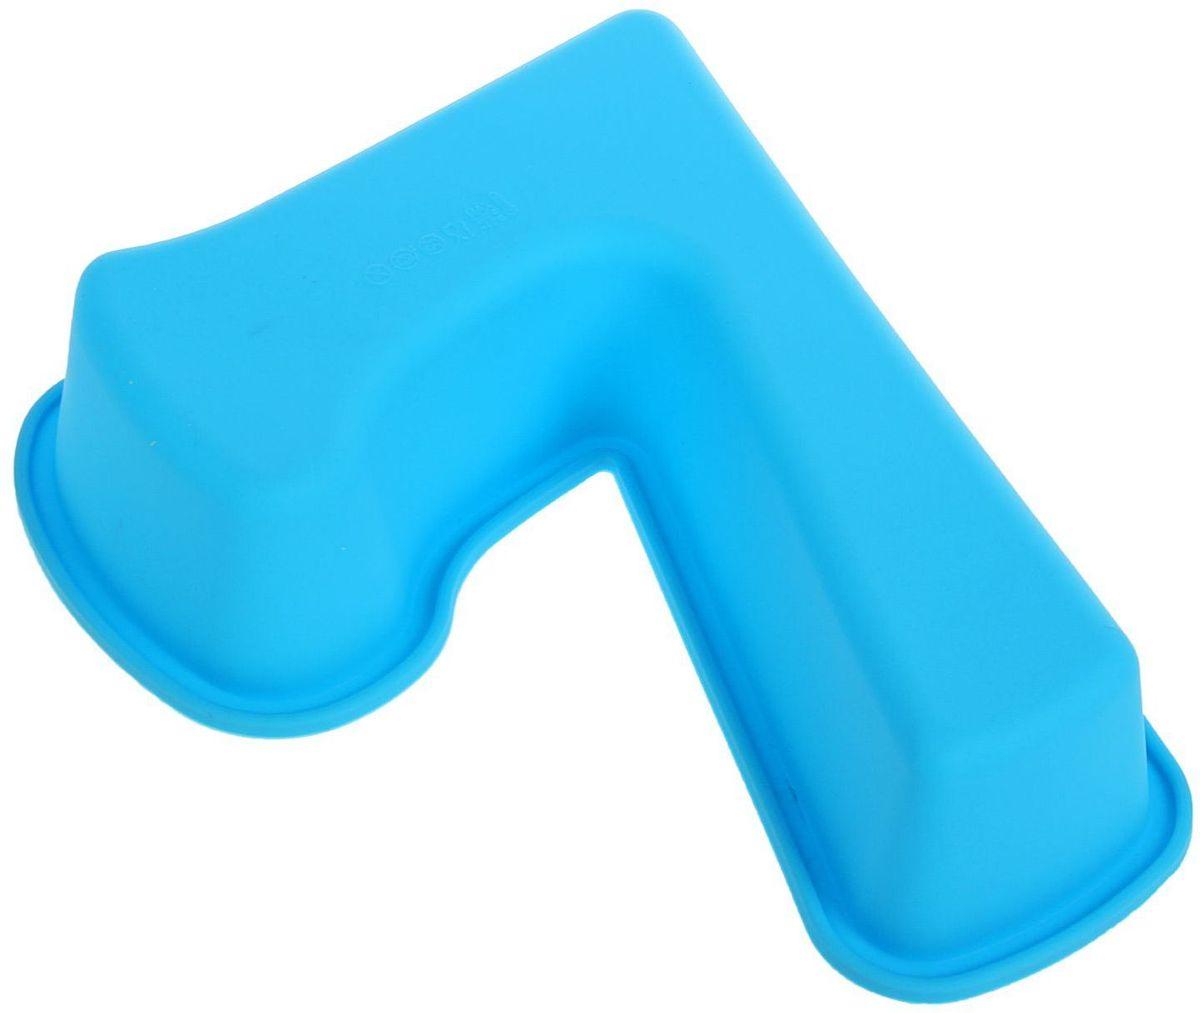 Форма для выпечки Доляна Цифра семь, цвет: голубой, 26 х 19,5 х 5,5 см1687482Форма Доляна Цифра семь выполнена из силикона, благодаря этому выпечкувынимать легко и просто. Материал устойчив к фруктовым кислотам, может бытьиспользован в духовках и микроволновых печах. Перед первым применениемпромойте предмет тёплой водой. В процессе приготовления используйте кухонный инструмент из дерева,пластика или силикона. Перед извлечением блюда из силиконовой формы дайте ему немного остыть,осторожно отогните края предмета. Готовьте с удовольствием!